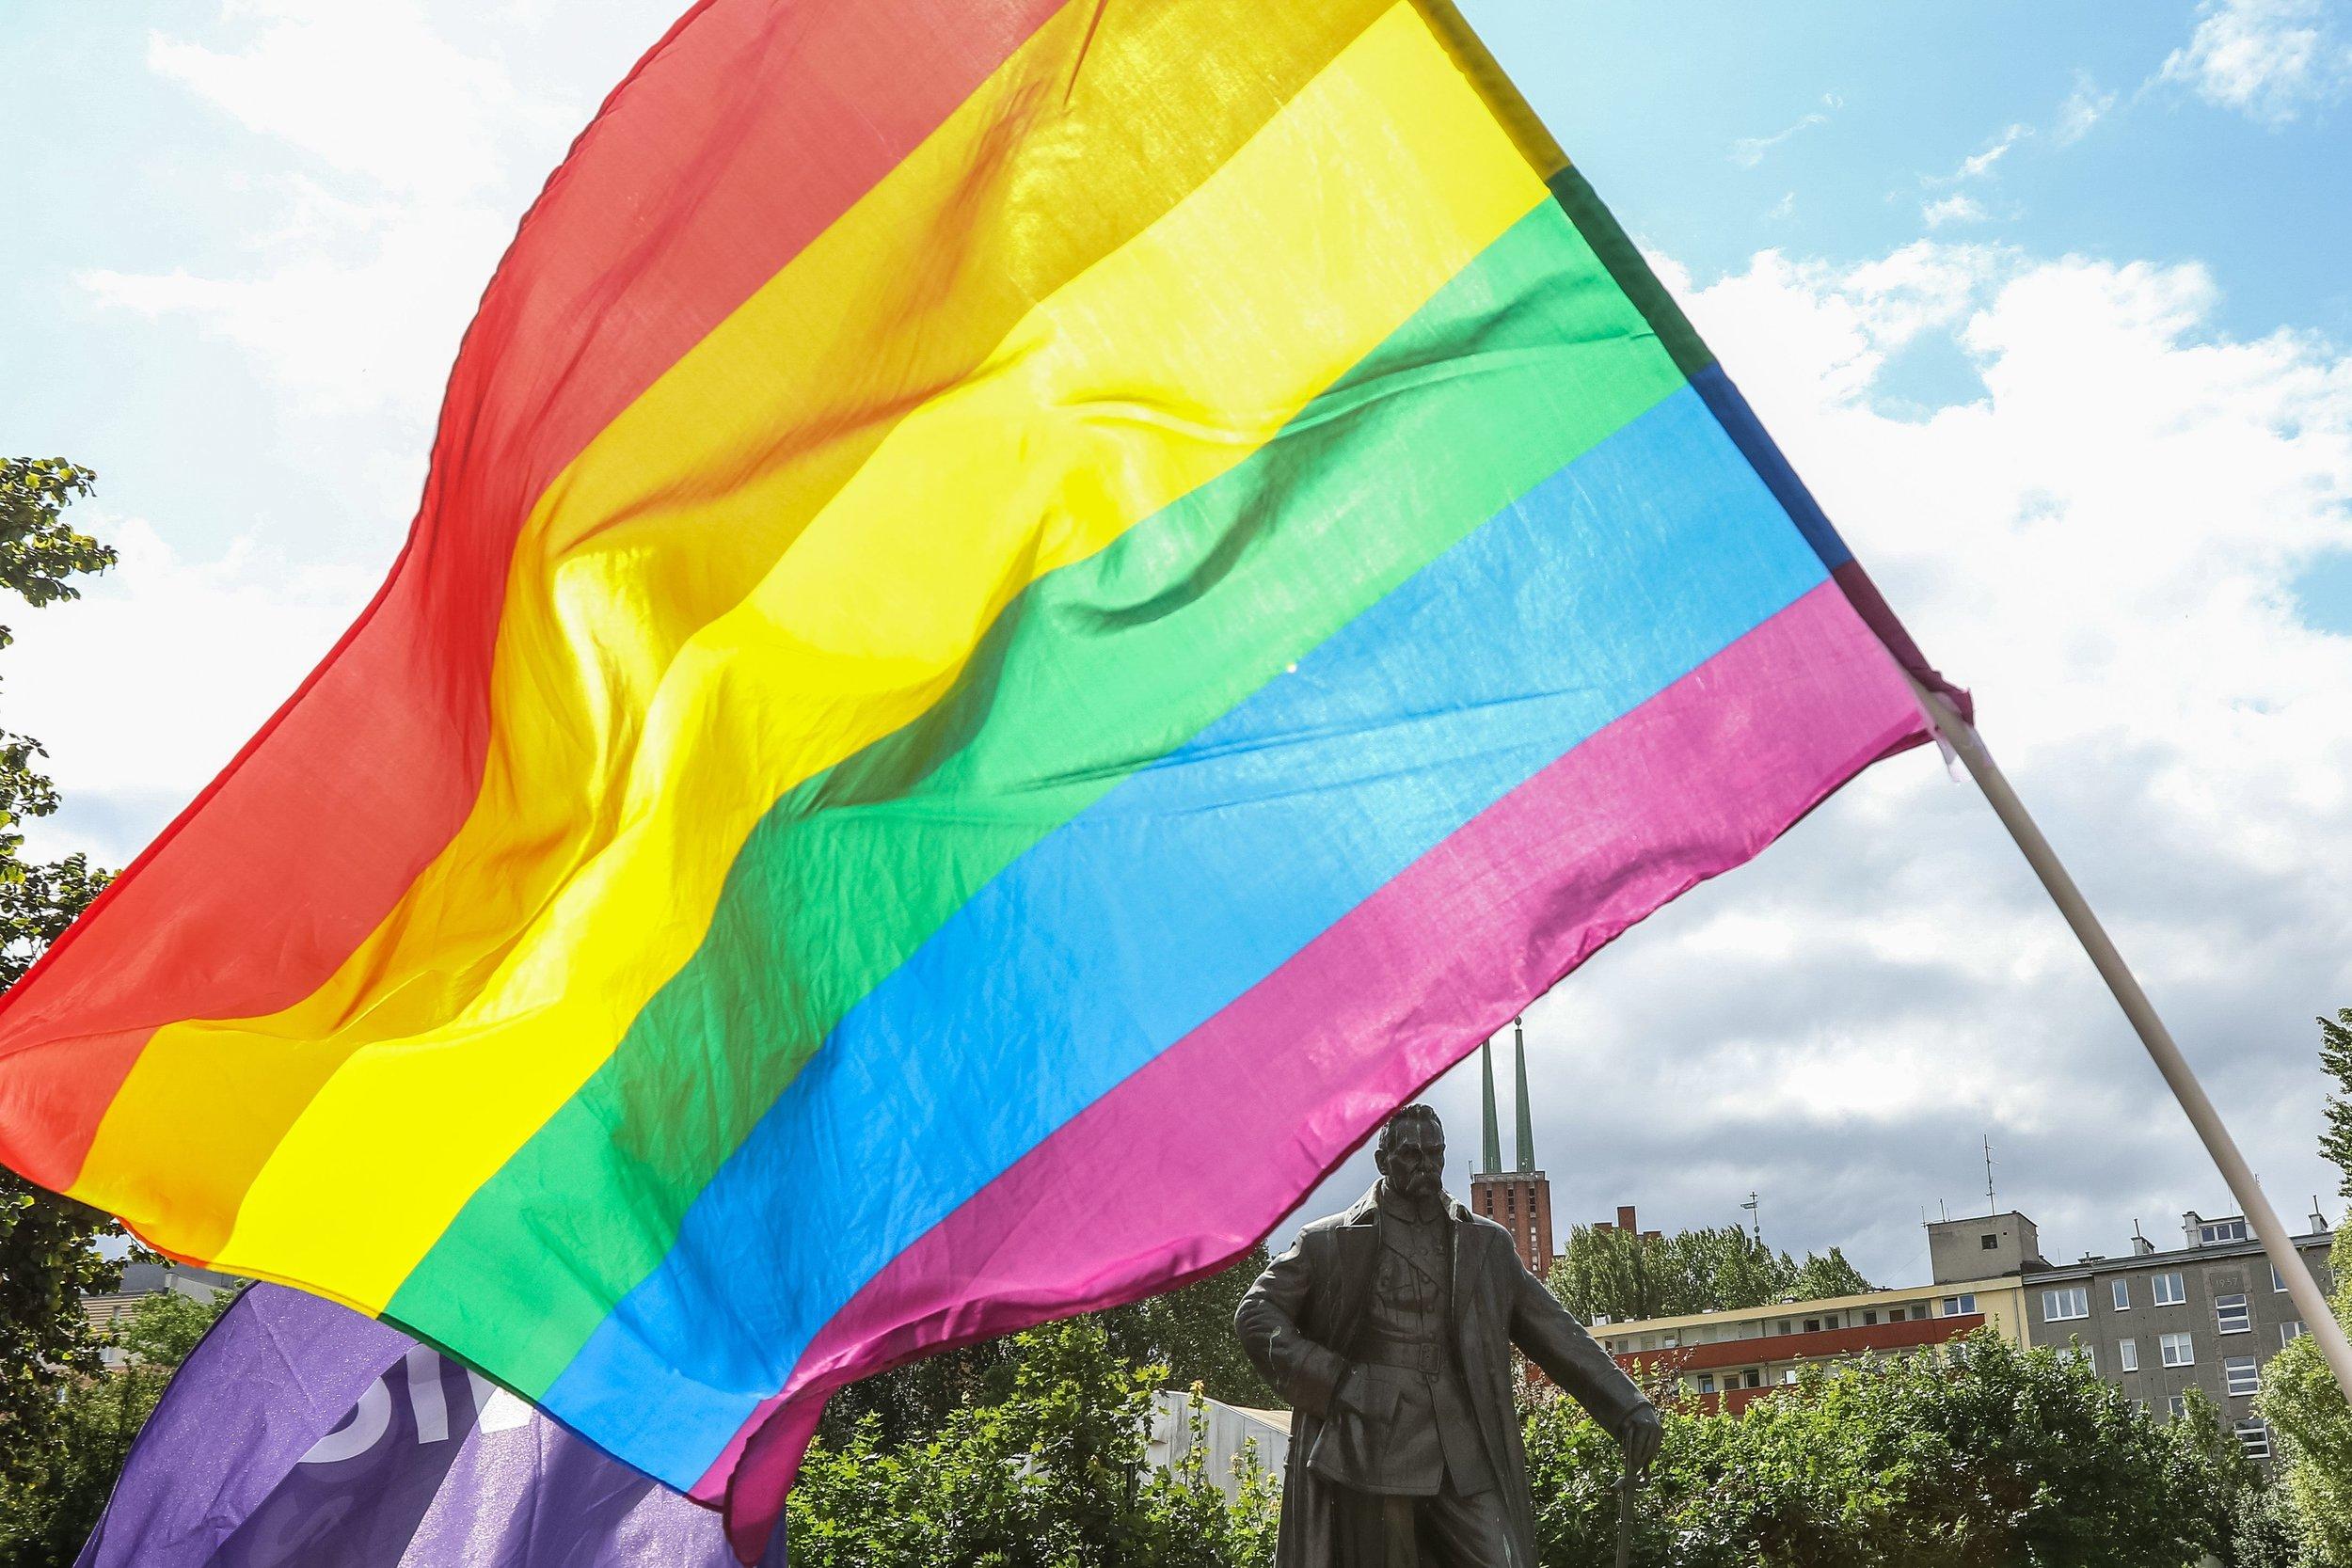 Homosexualität ist in Indien immer noch ein Tabu. Erst im September 2018 wurde das Verbot aufgehoben. Dazu beigetragen hat sicher auch Prinz Manvendra Singh Gohil mit seinem Outing. © picture alliance/ZUMA Press